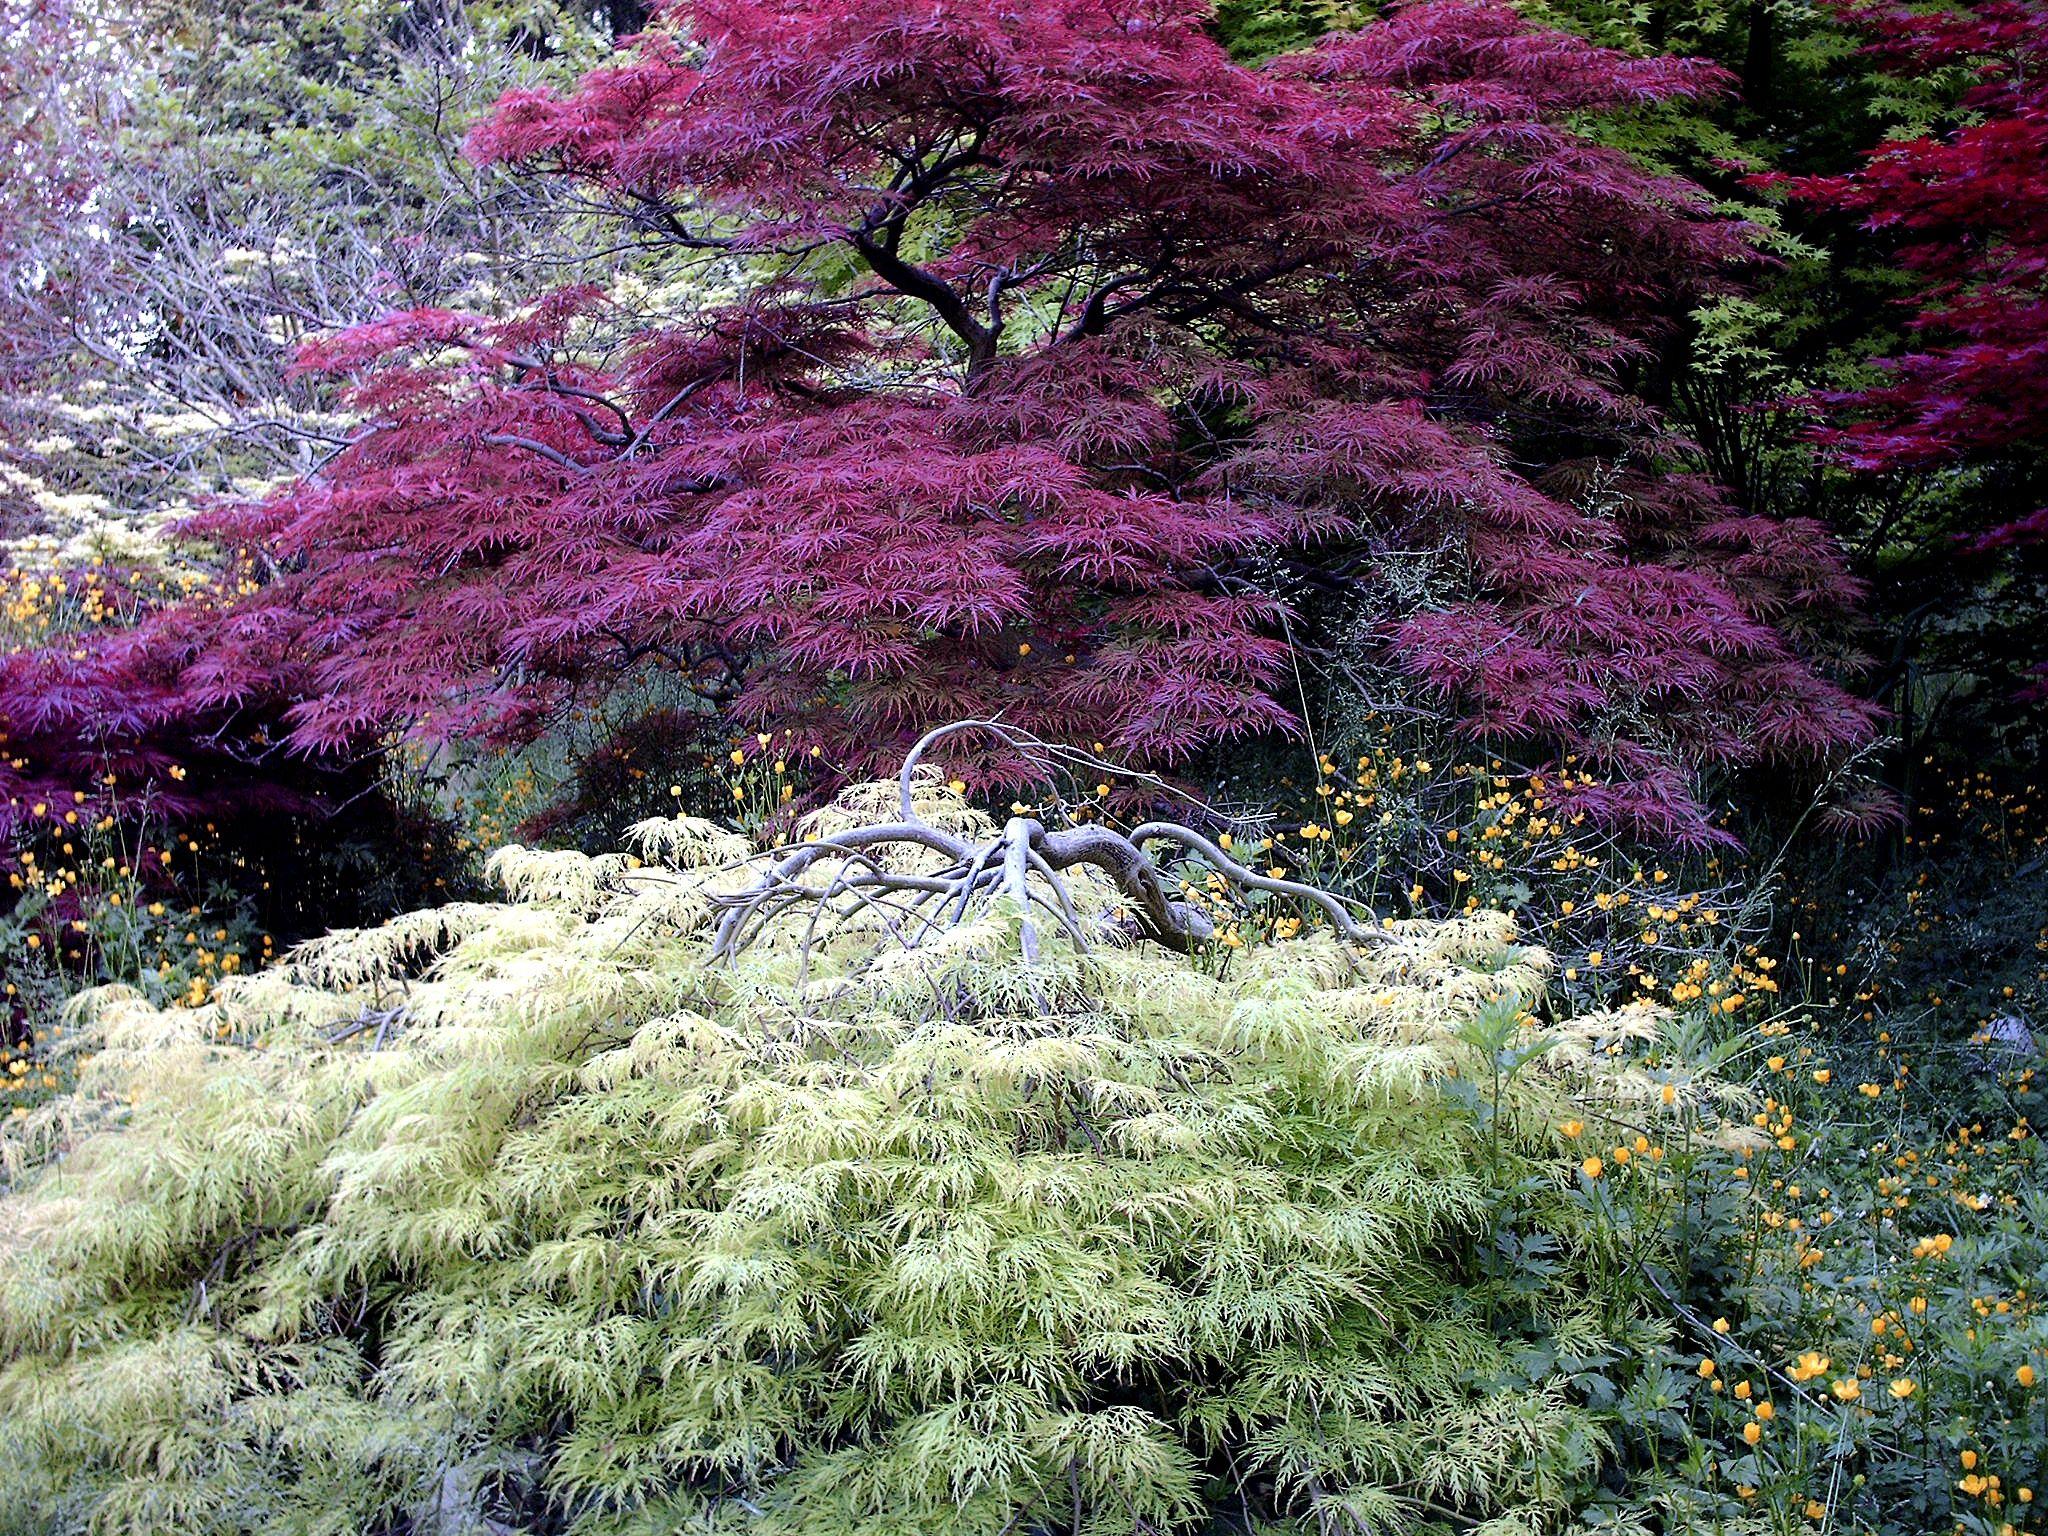 ... a walk in my garden ... by studiodobs on 500px